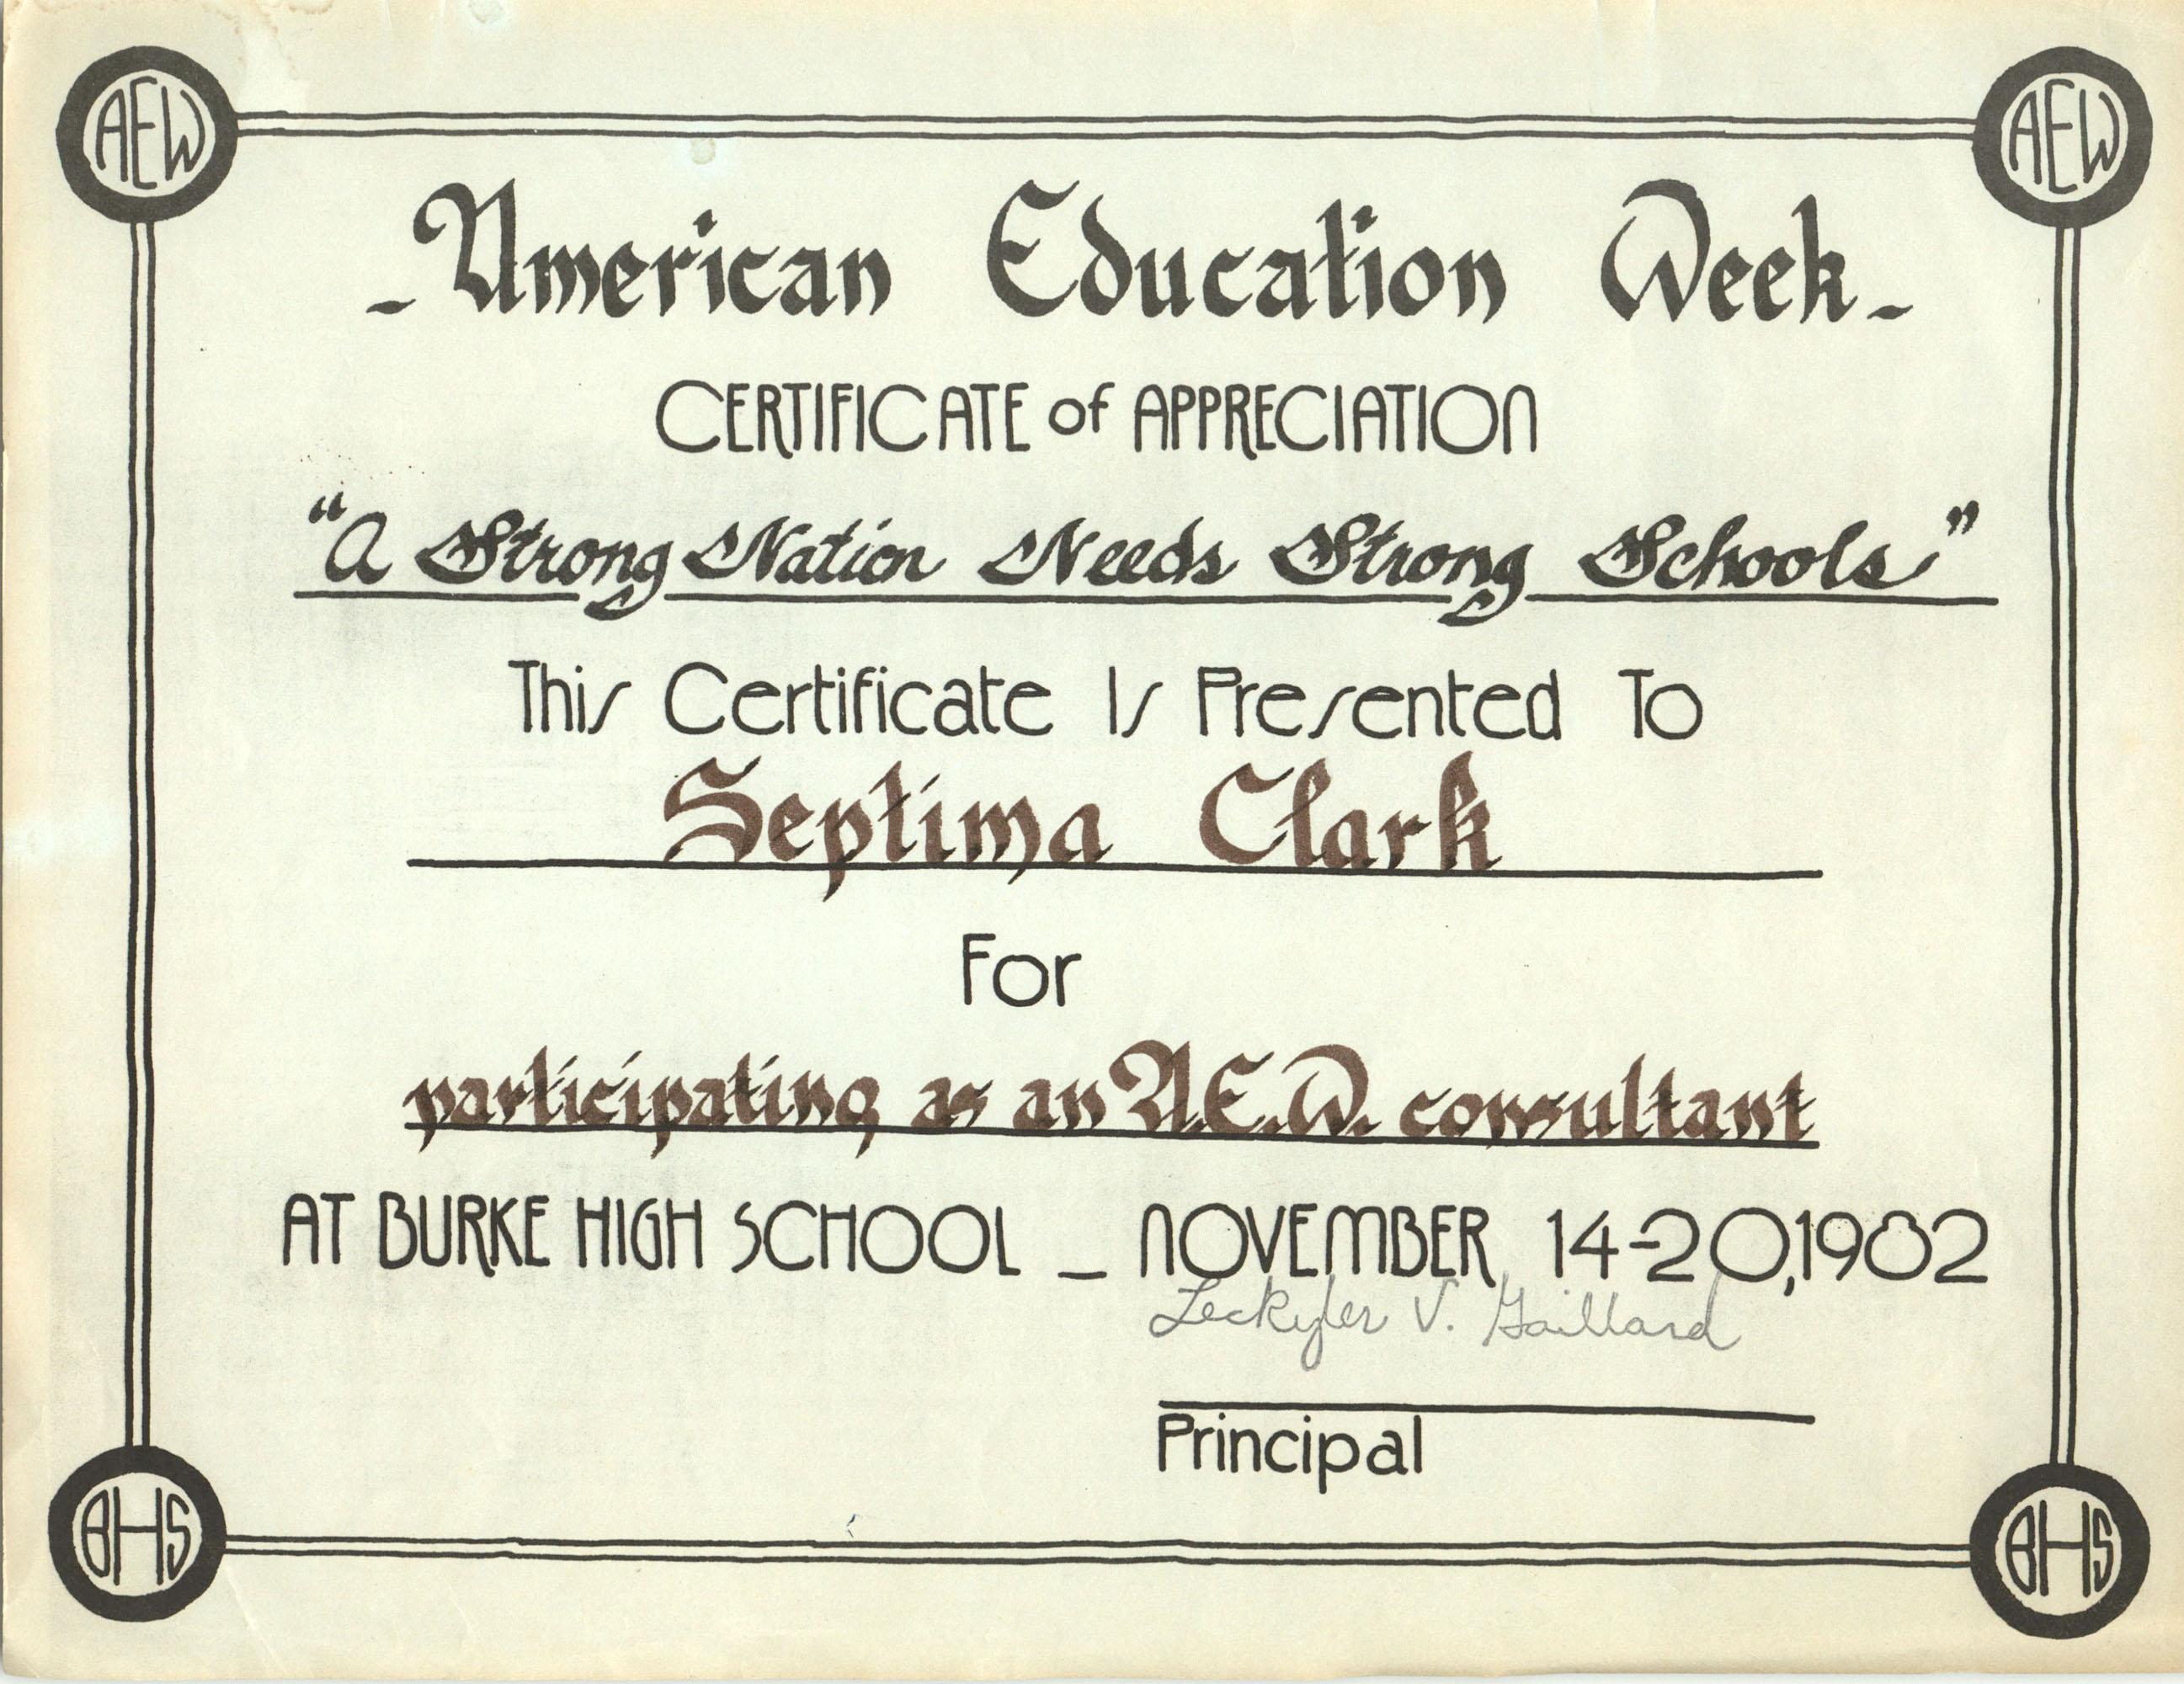 Certificate, November 20, 1982